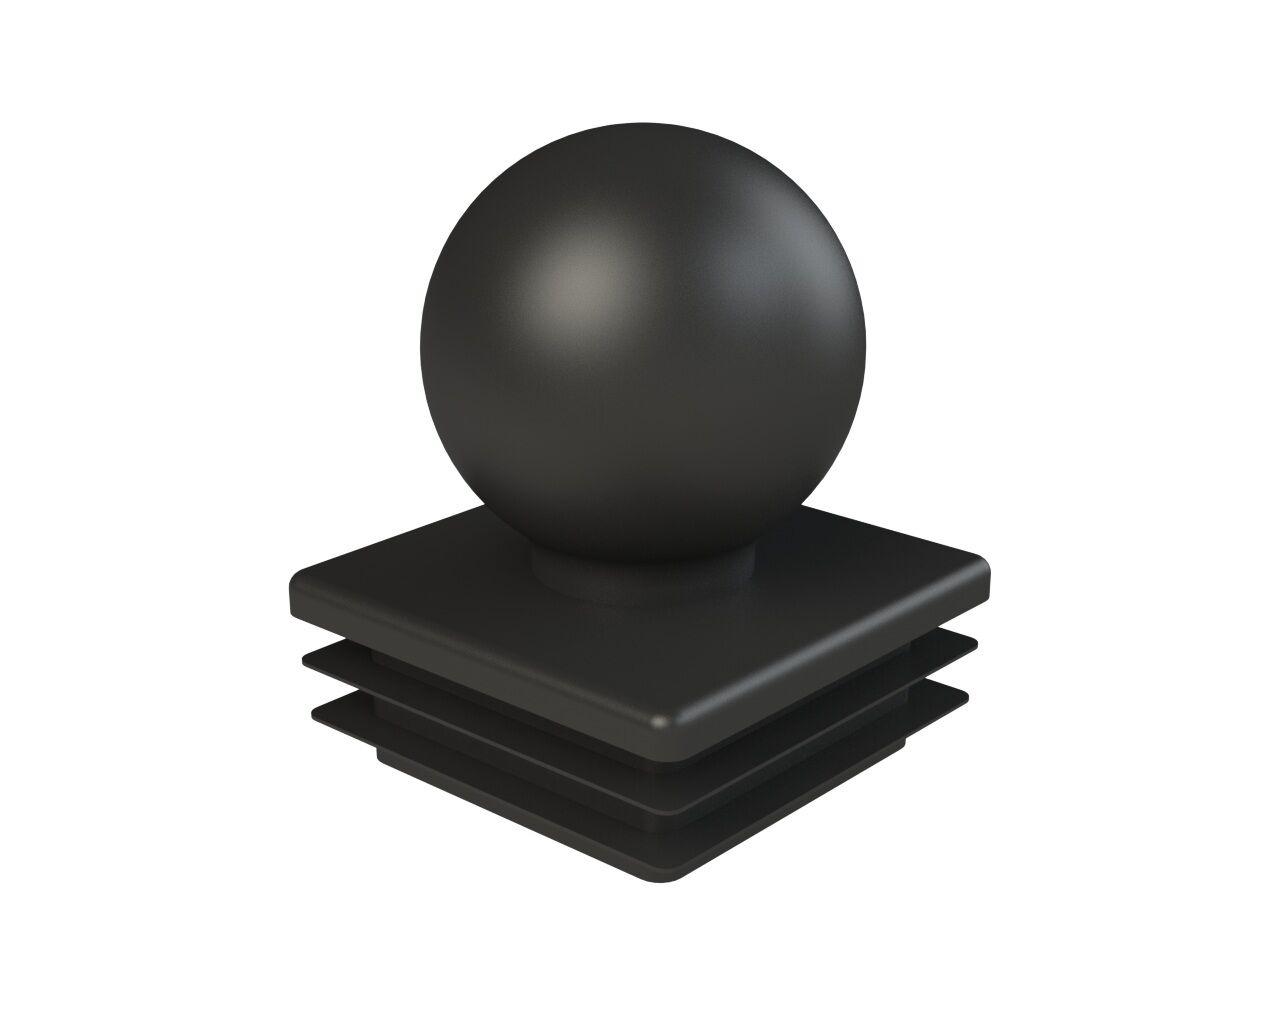 Фото - Заглушка пластиковая для профильной трубы 50х50мм., шар(15 шт.) набор роликов для профильной трубы 25 50 мм для трубогибов серии hb stalex 100942